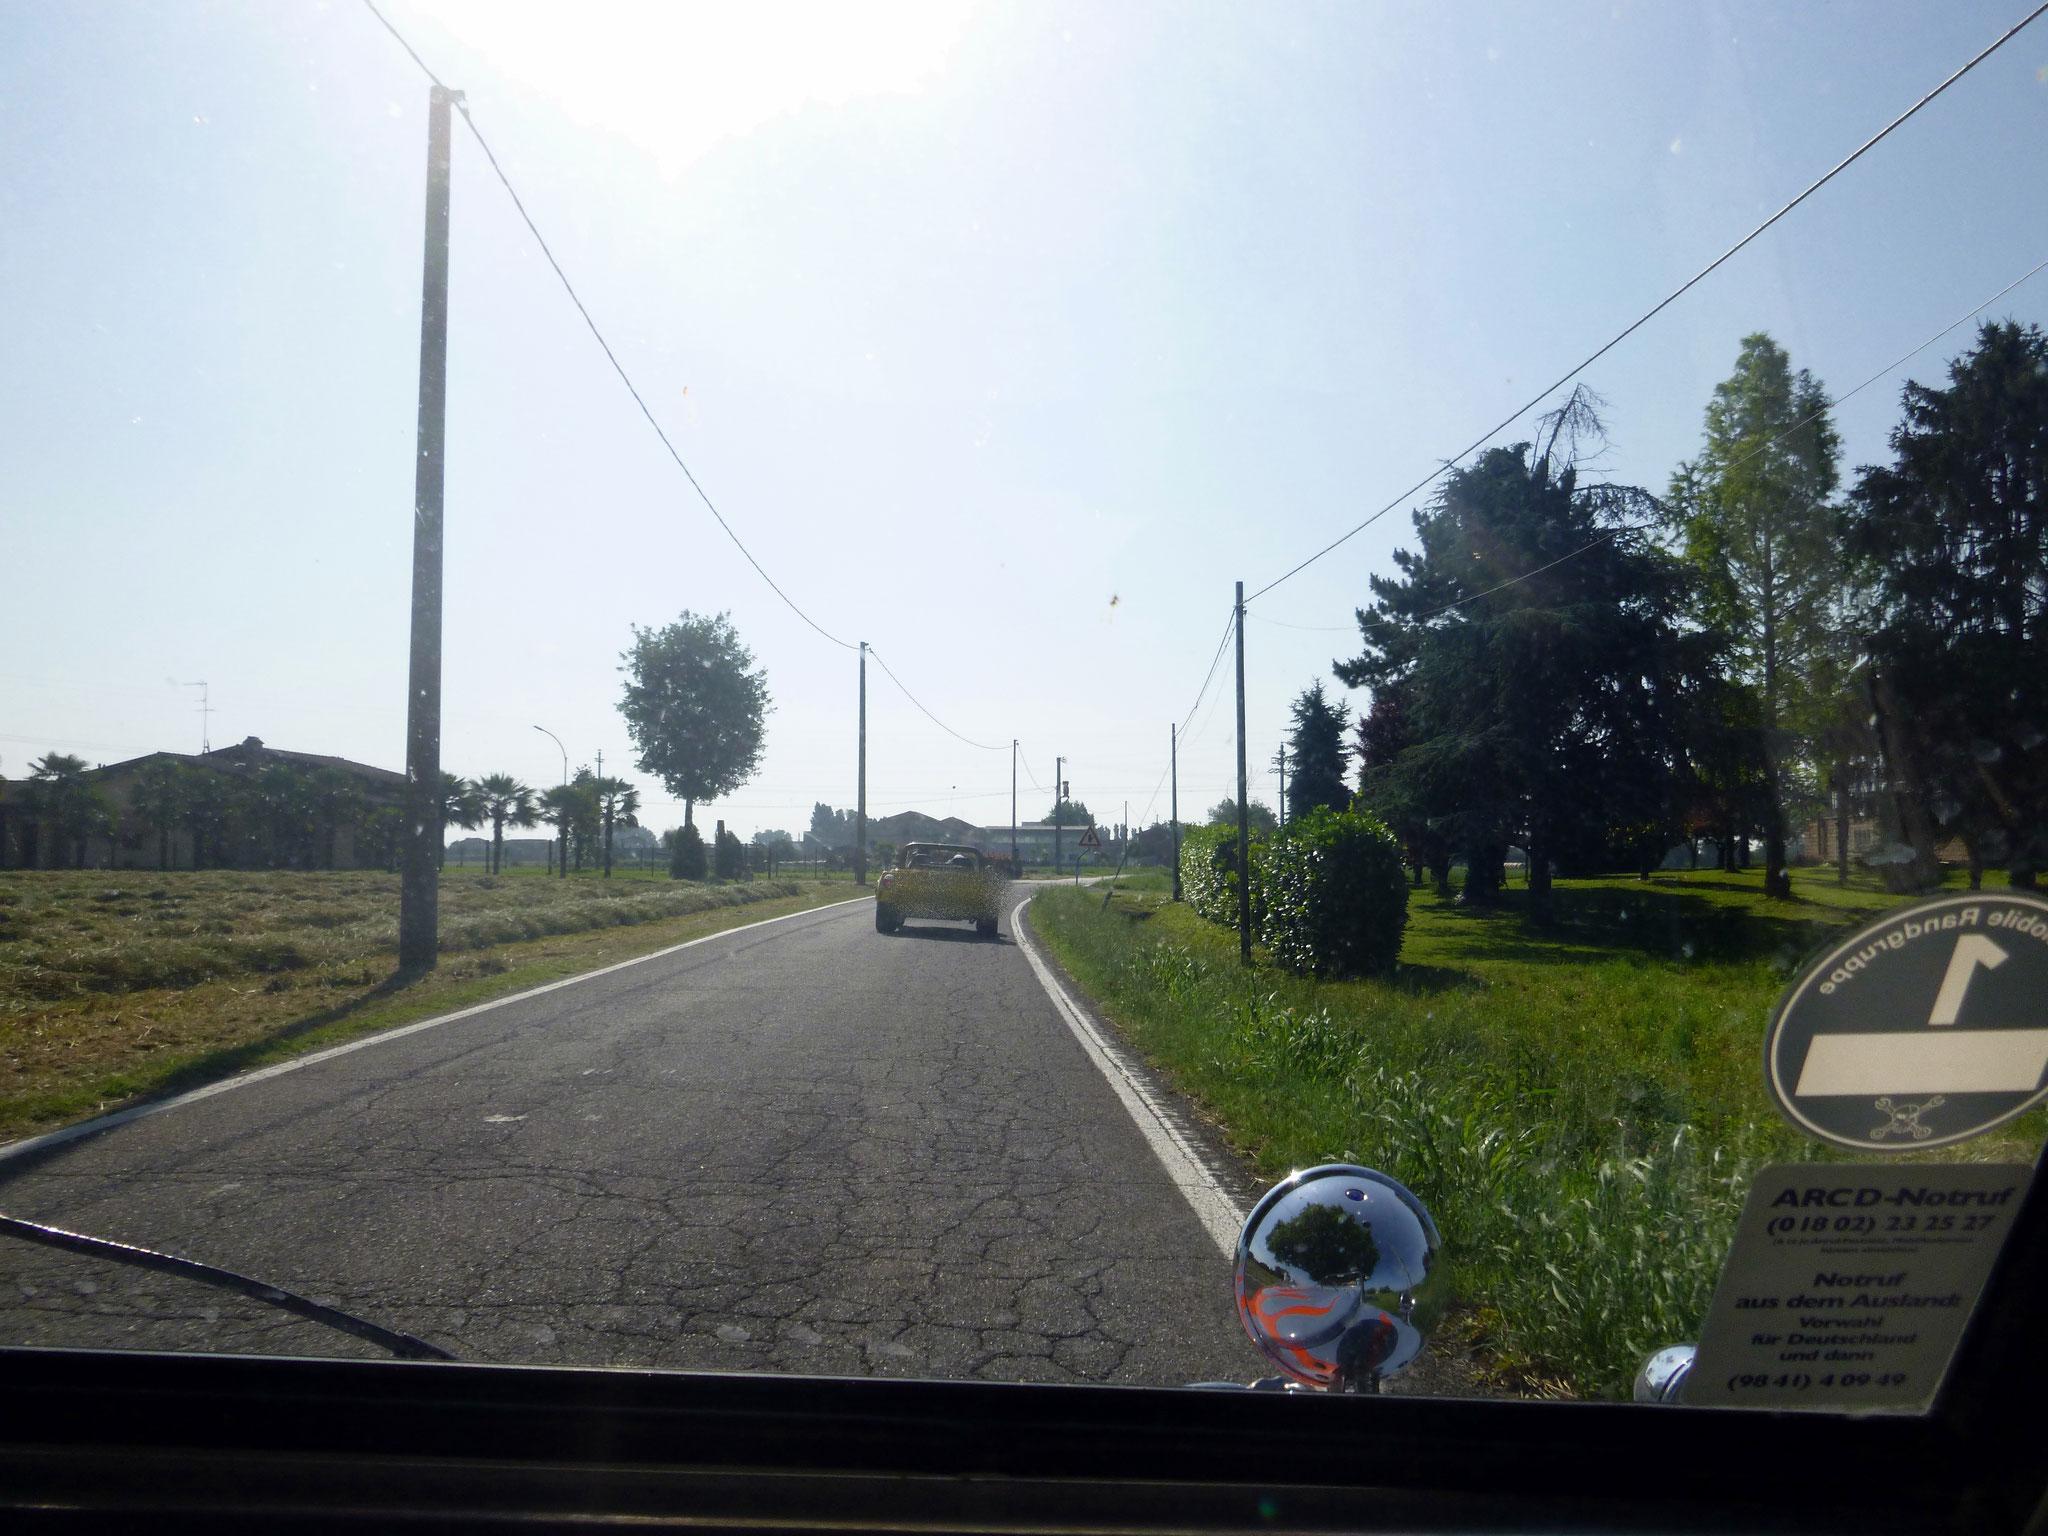 Straße in der Emilia-Romagna